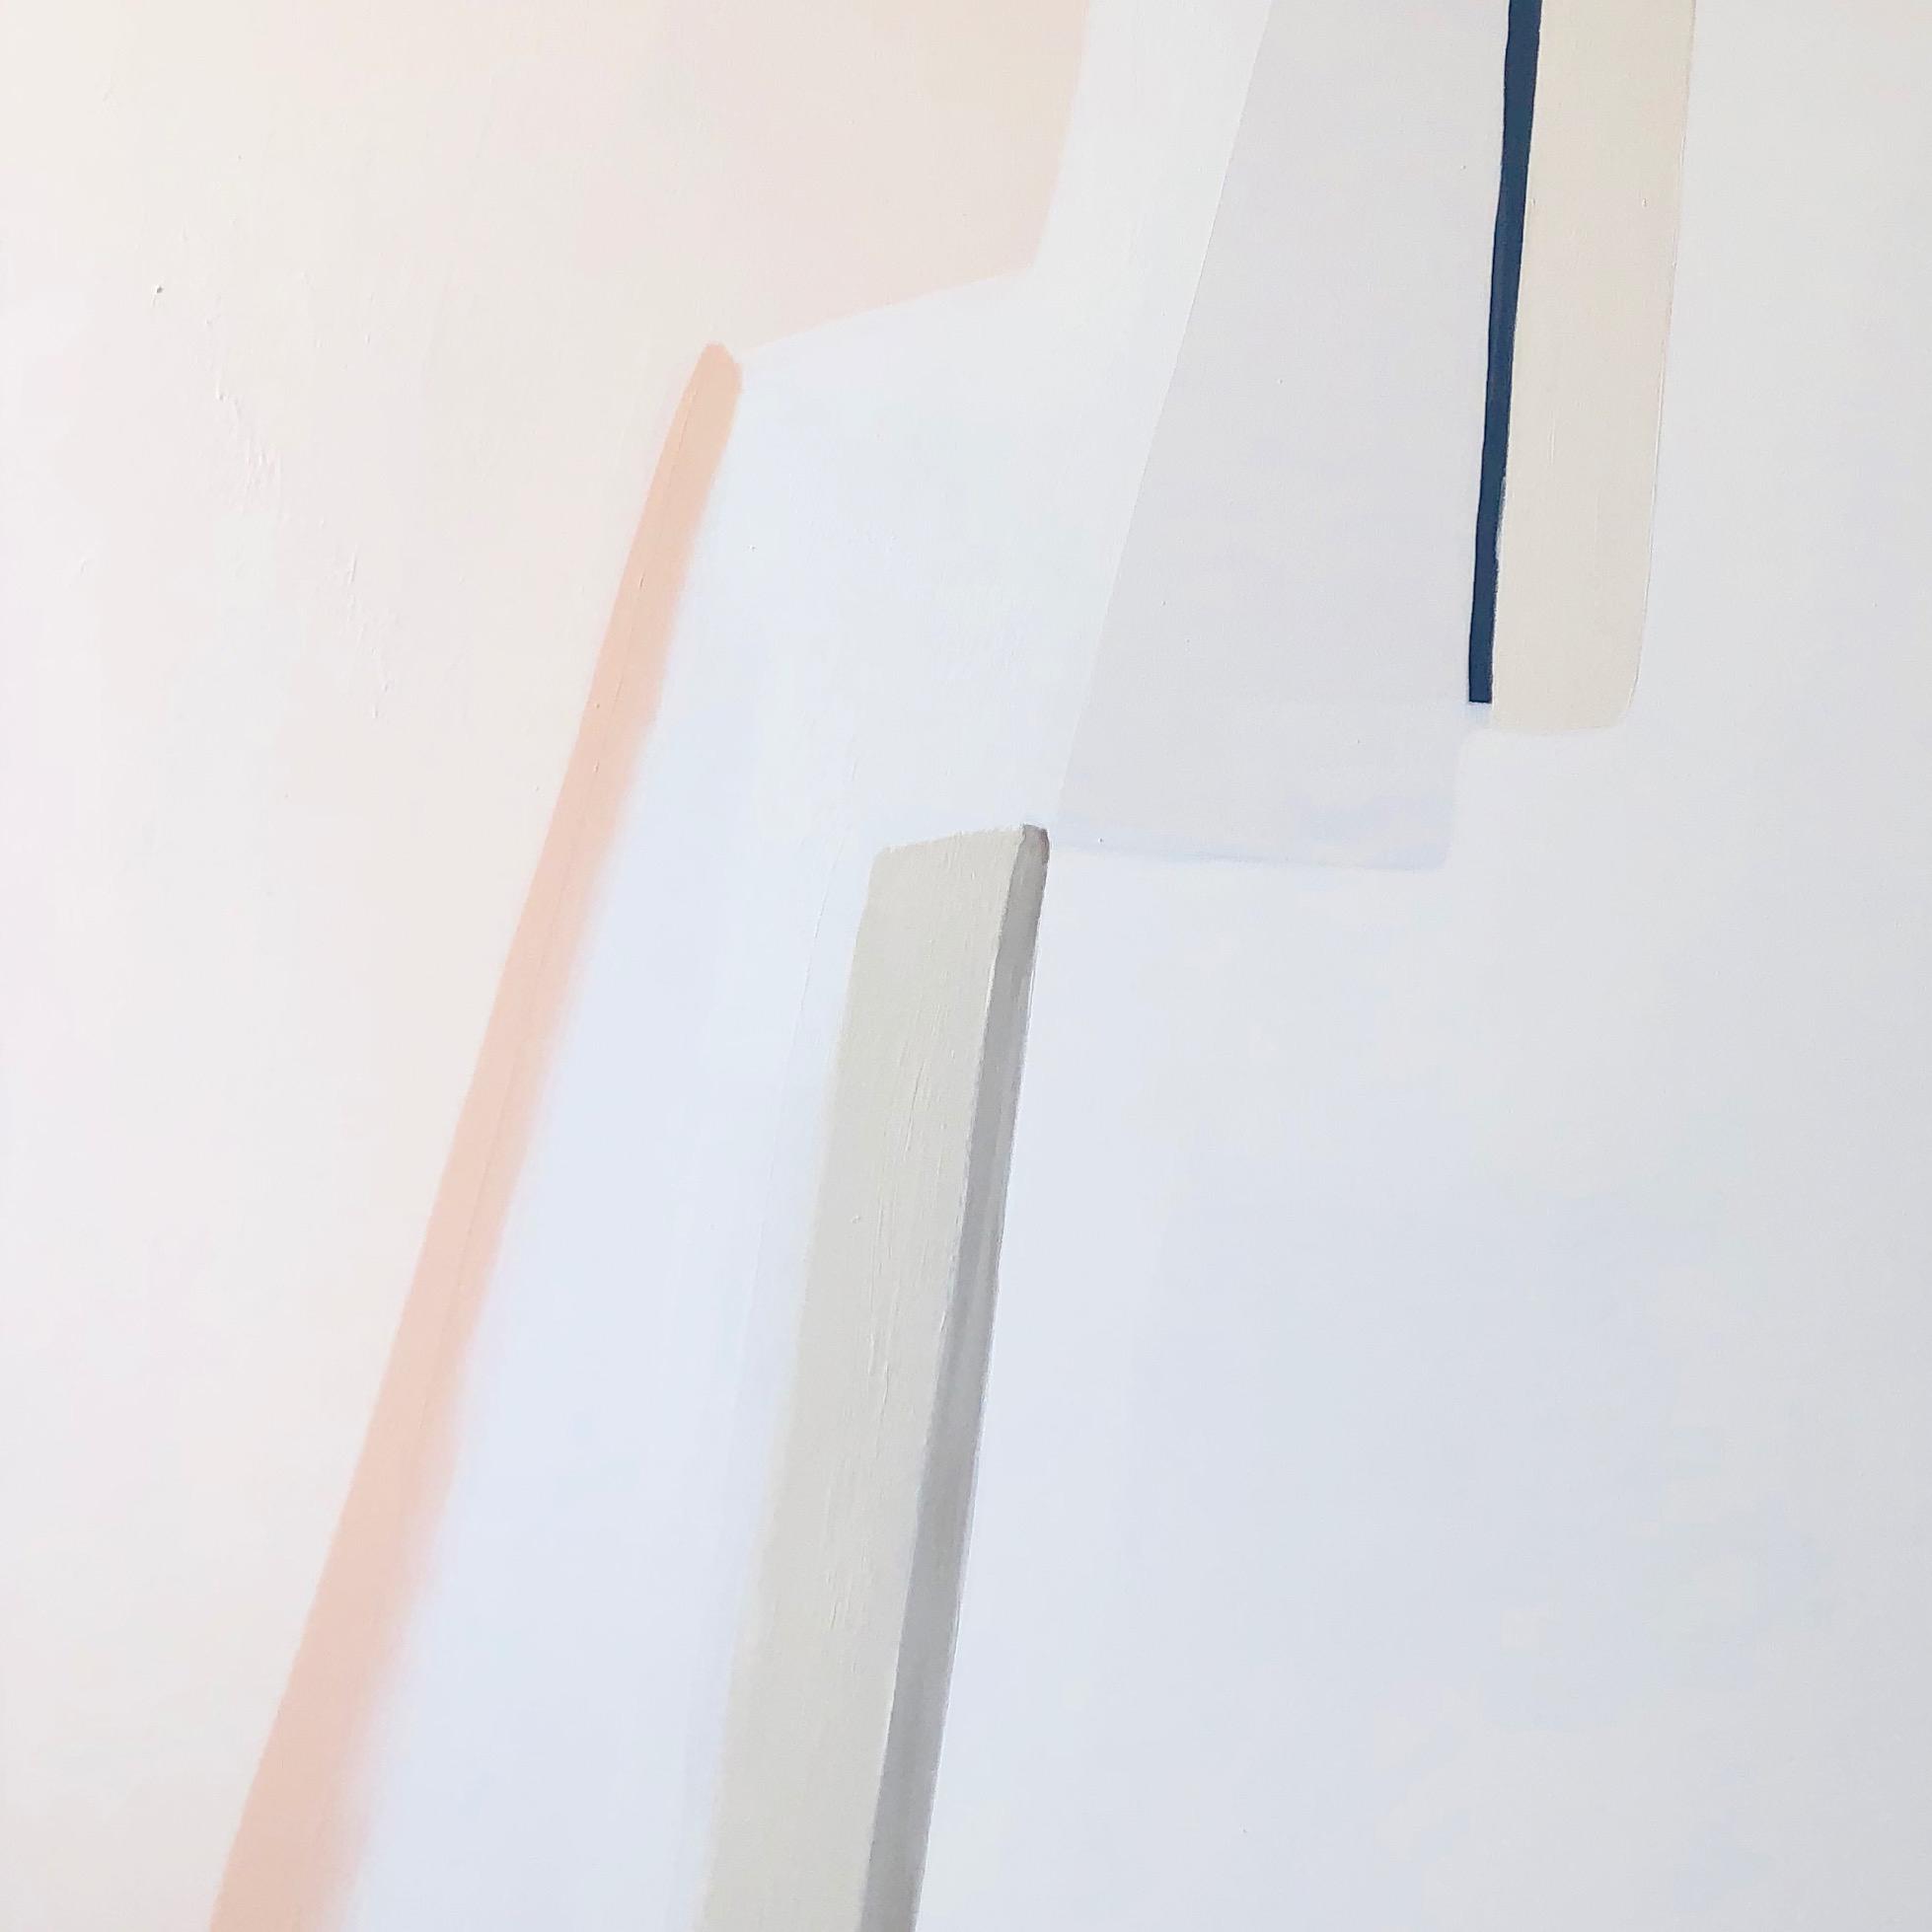 Sarah-Lesher-Painting-LACMA-Detail.jpg